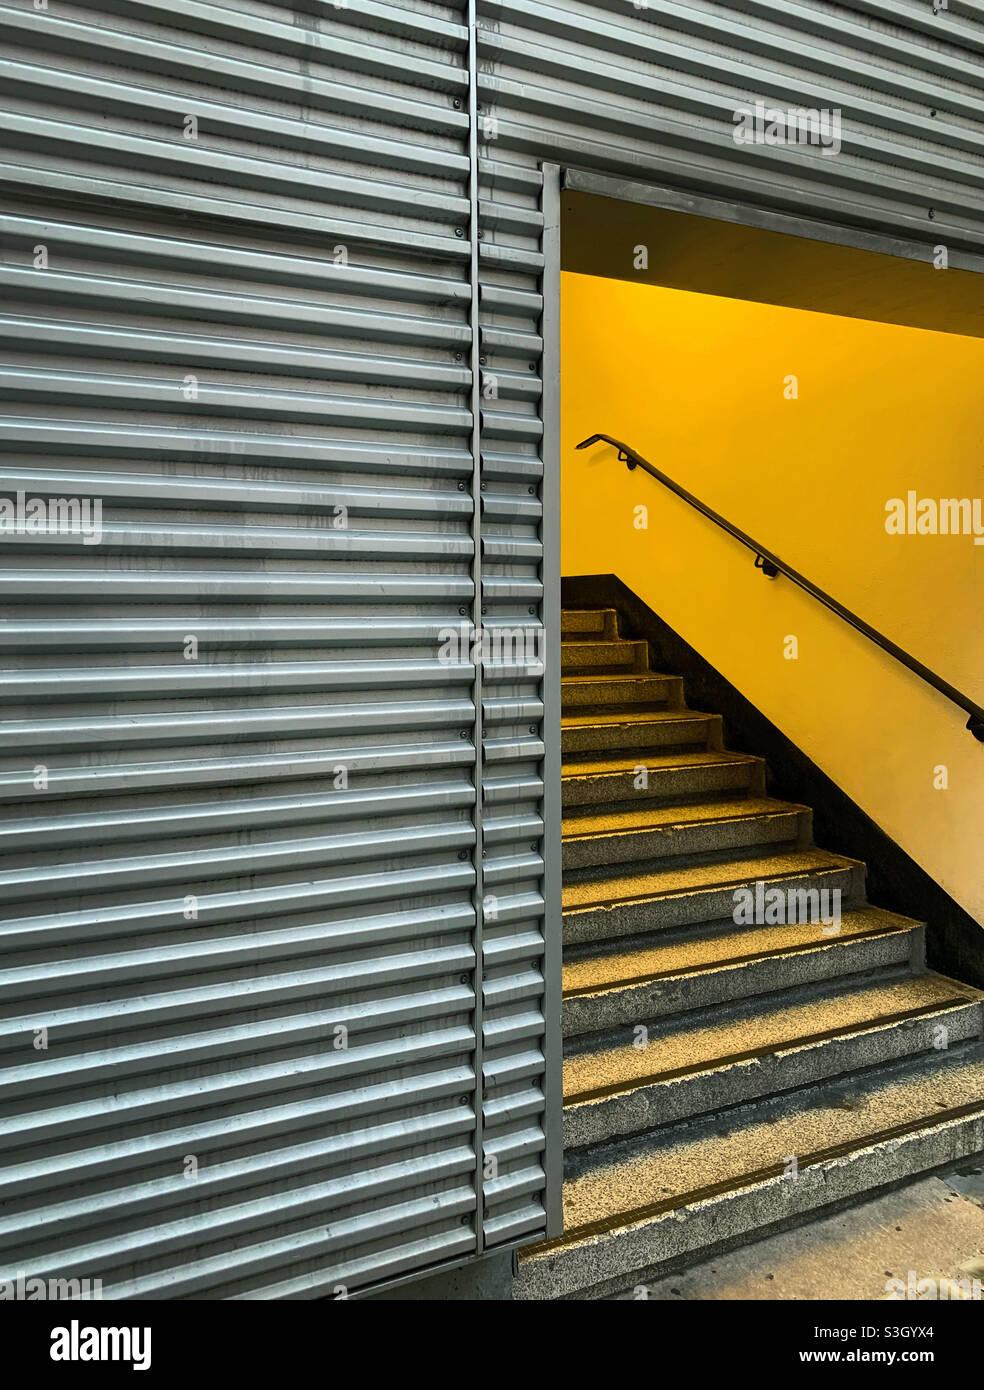 Eine in gelbes Licht getauchte Treppe, die aus EINEM metallverkleideten Gebäude auftaucht Stockfoto